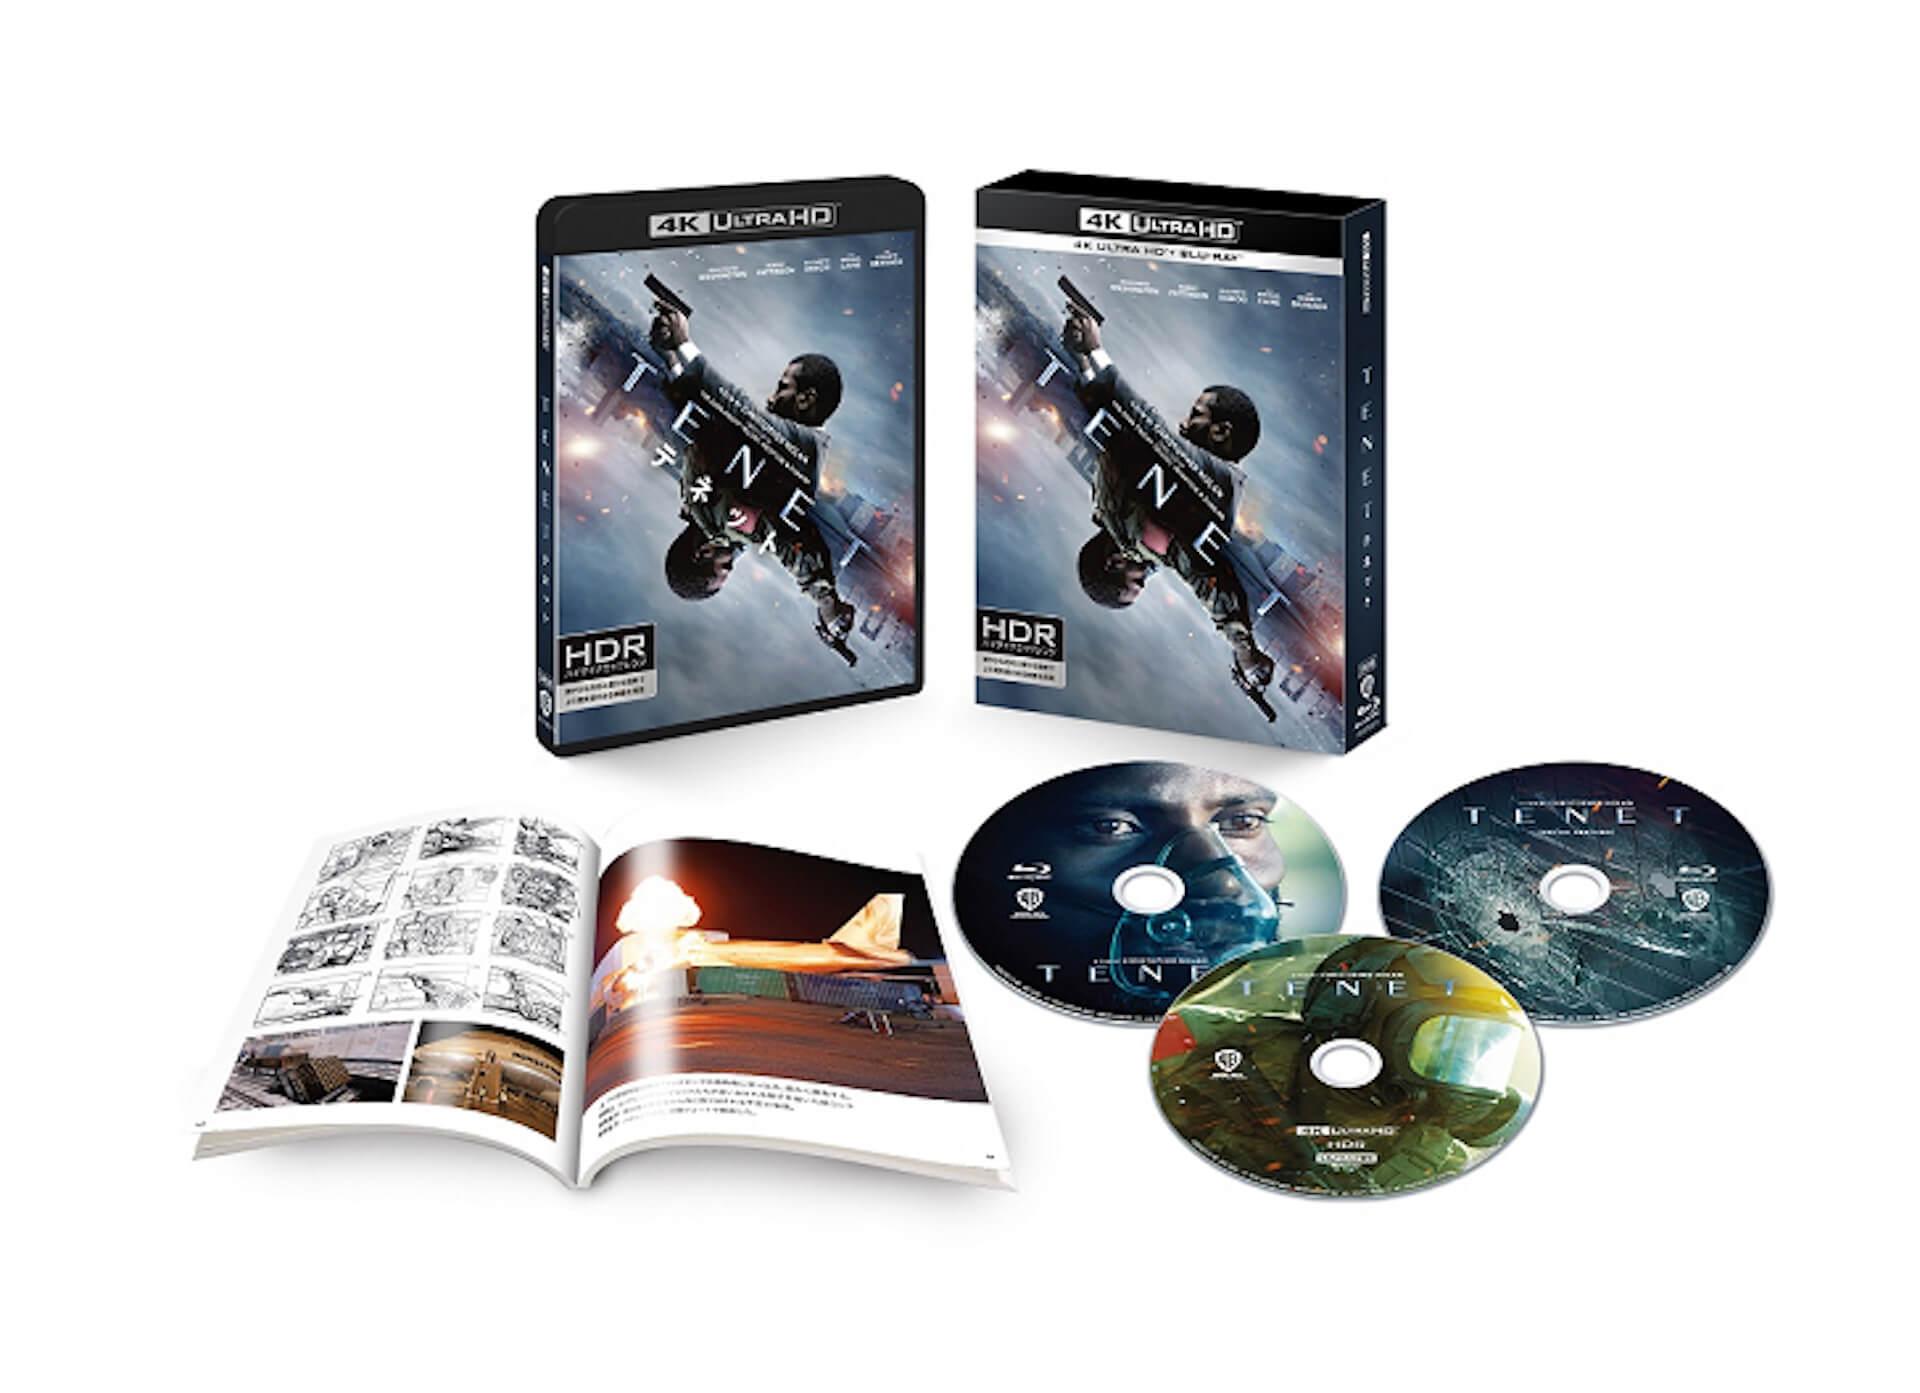 大ヒットを記録したクリストファー・ノーラン監督作『TENET テネット』が早くも12月よりダウンロード販売開始!来年1月Blu-ray&DVD発売 film201127_tenet_6